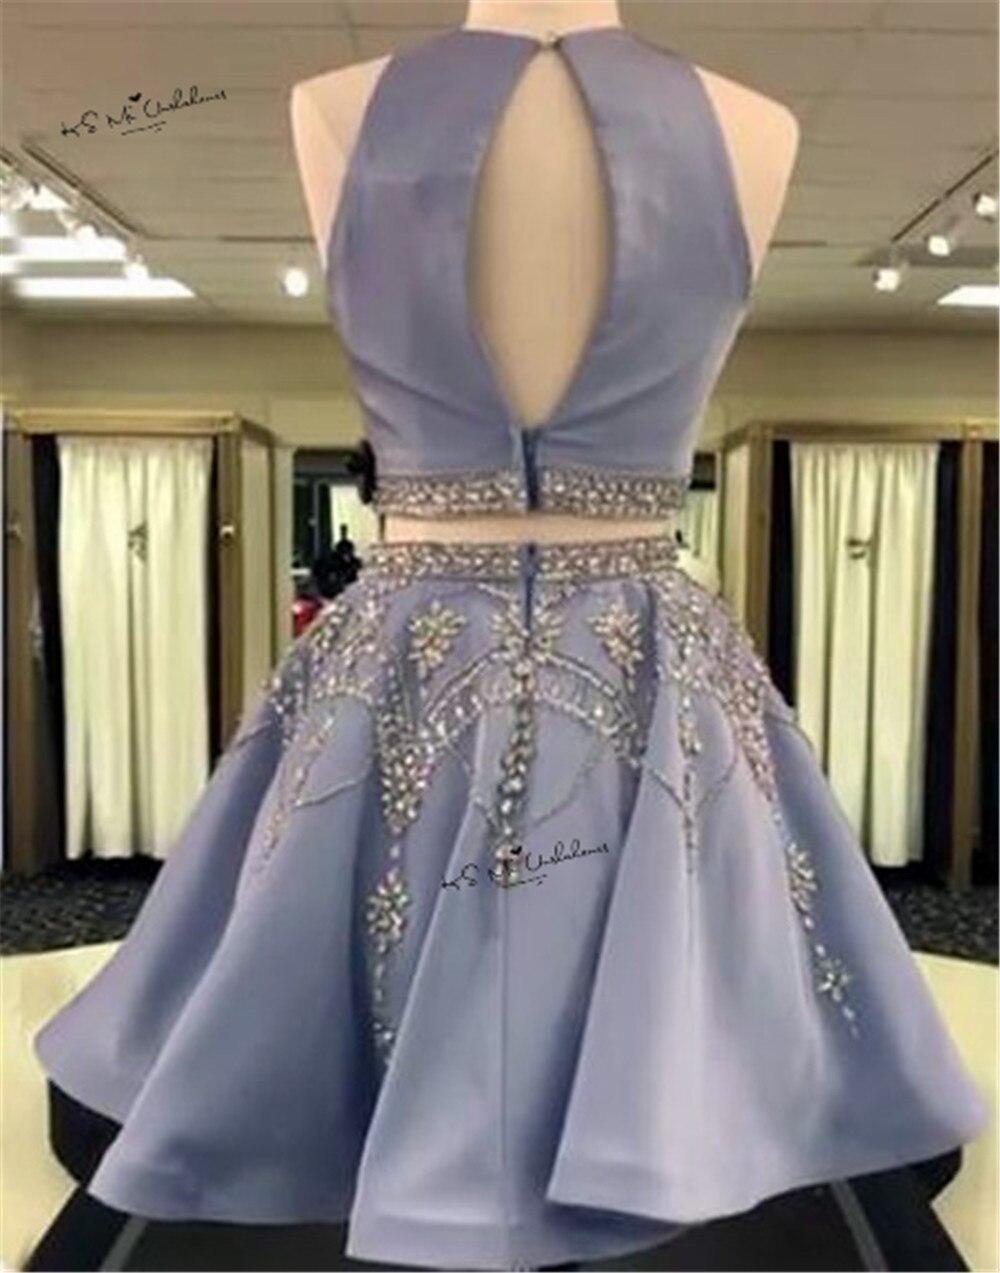 Modeste bleu deux pièces robes de bal 2017 cristaux perles courtes robes de soirée robes de soirée Vestidos de Baile Curto retour robe Gala - 6